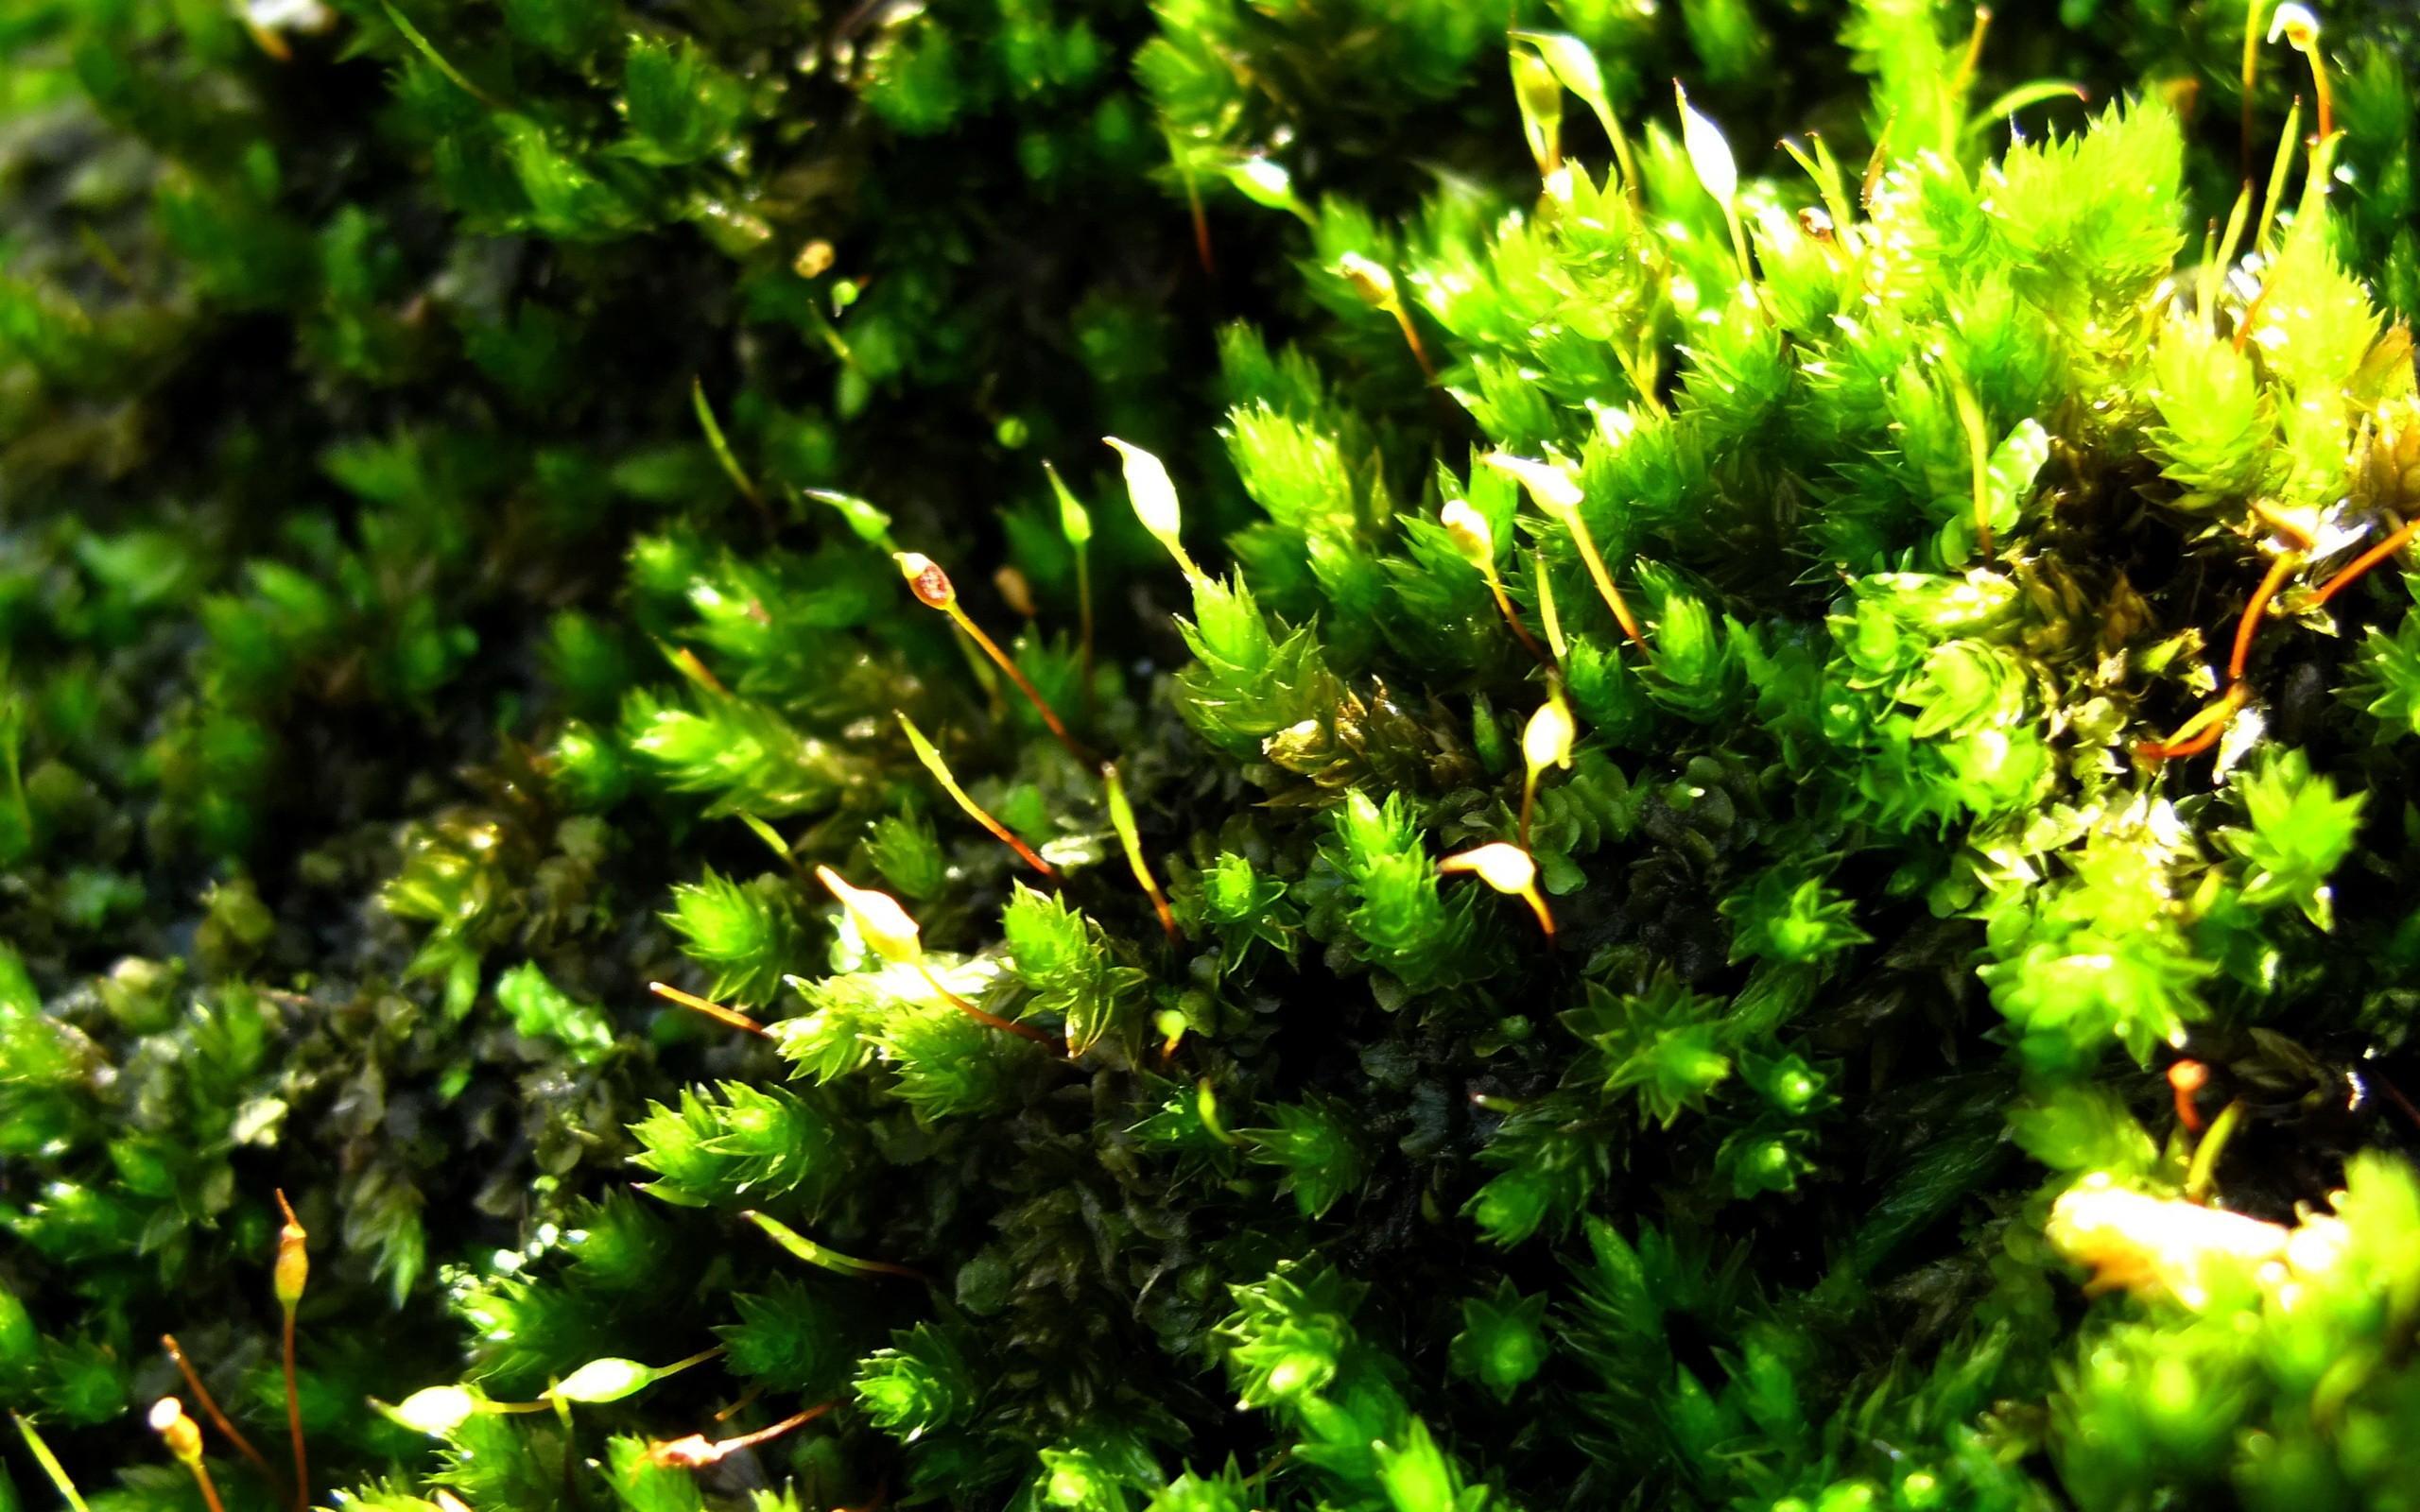 green grass hd - HD Desktop Wallpapers   4k HD